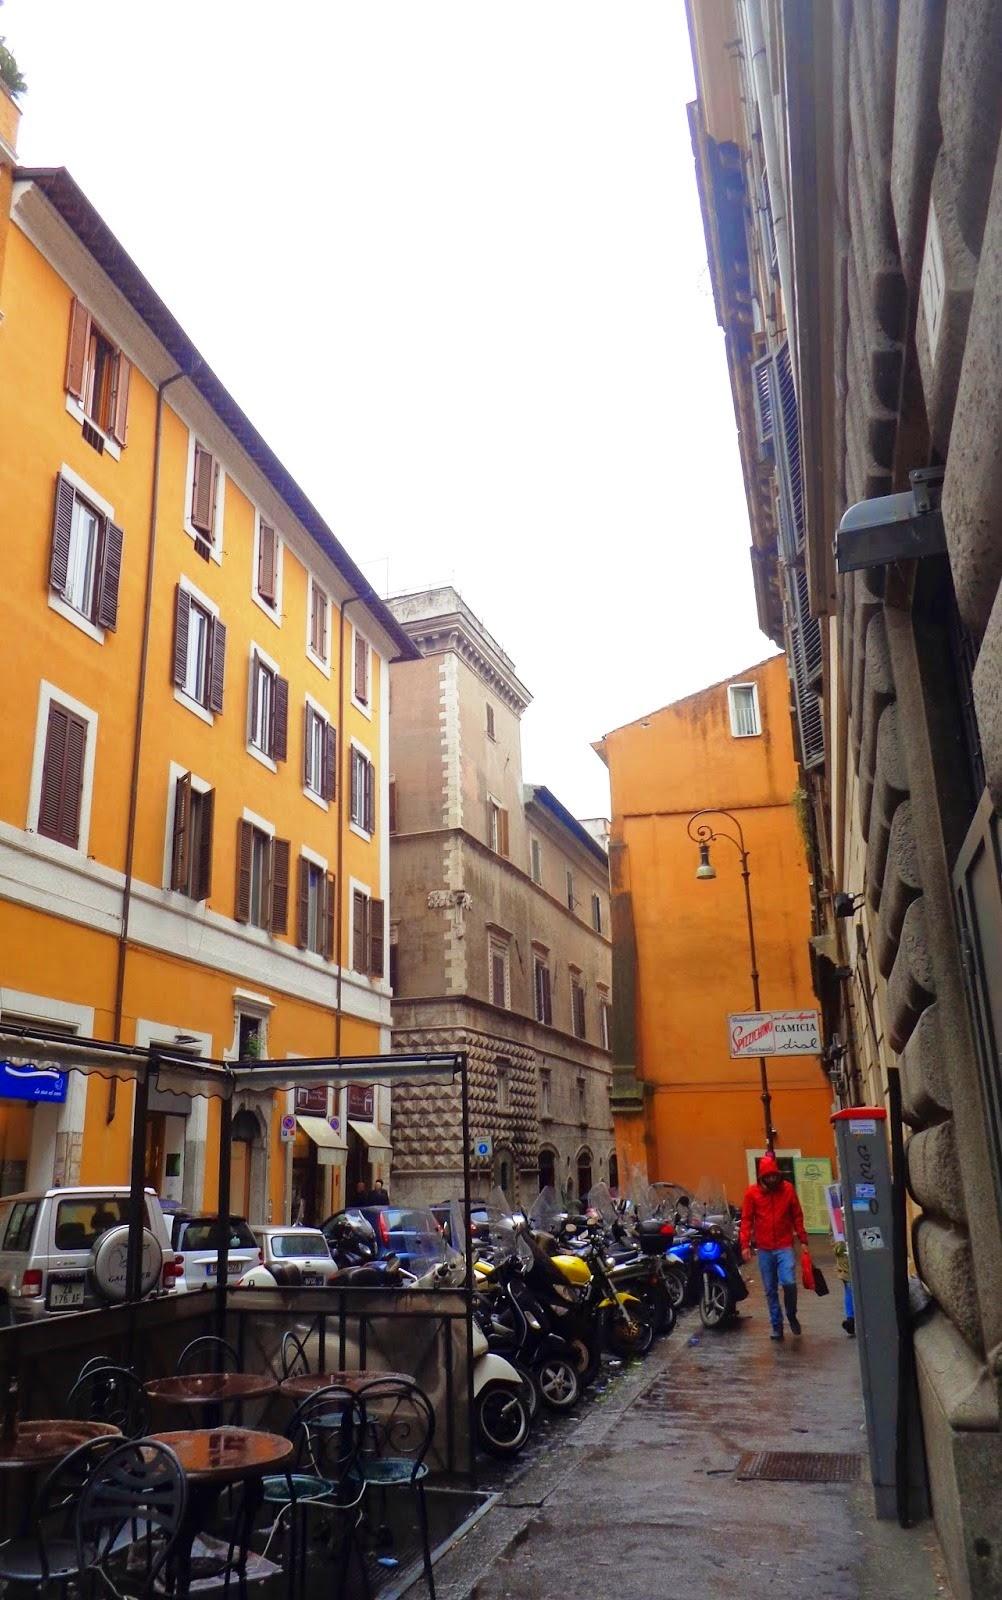 Ao fundo, parte do Palazzo Santacroce, que é uma construção única em seu gênero. Seu aspecto geral remete a uma fortaleza medieval, evidenciando a intenção de seu arquiteto. A quina do Palazzo projeta-se atualmente de maneira impositiva sobre a rua.